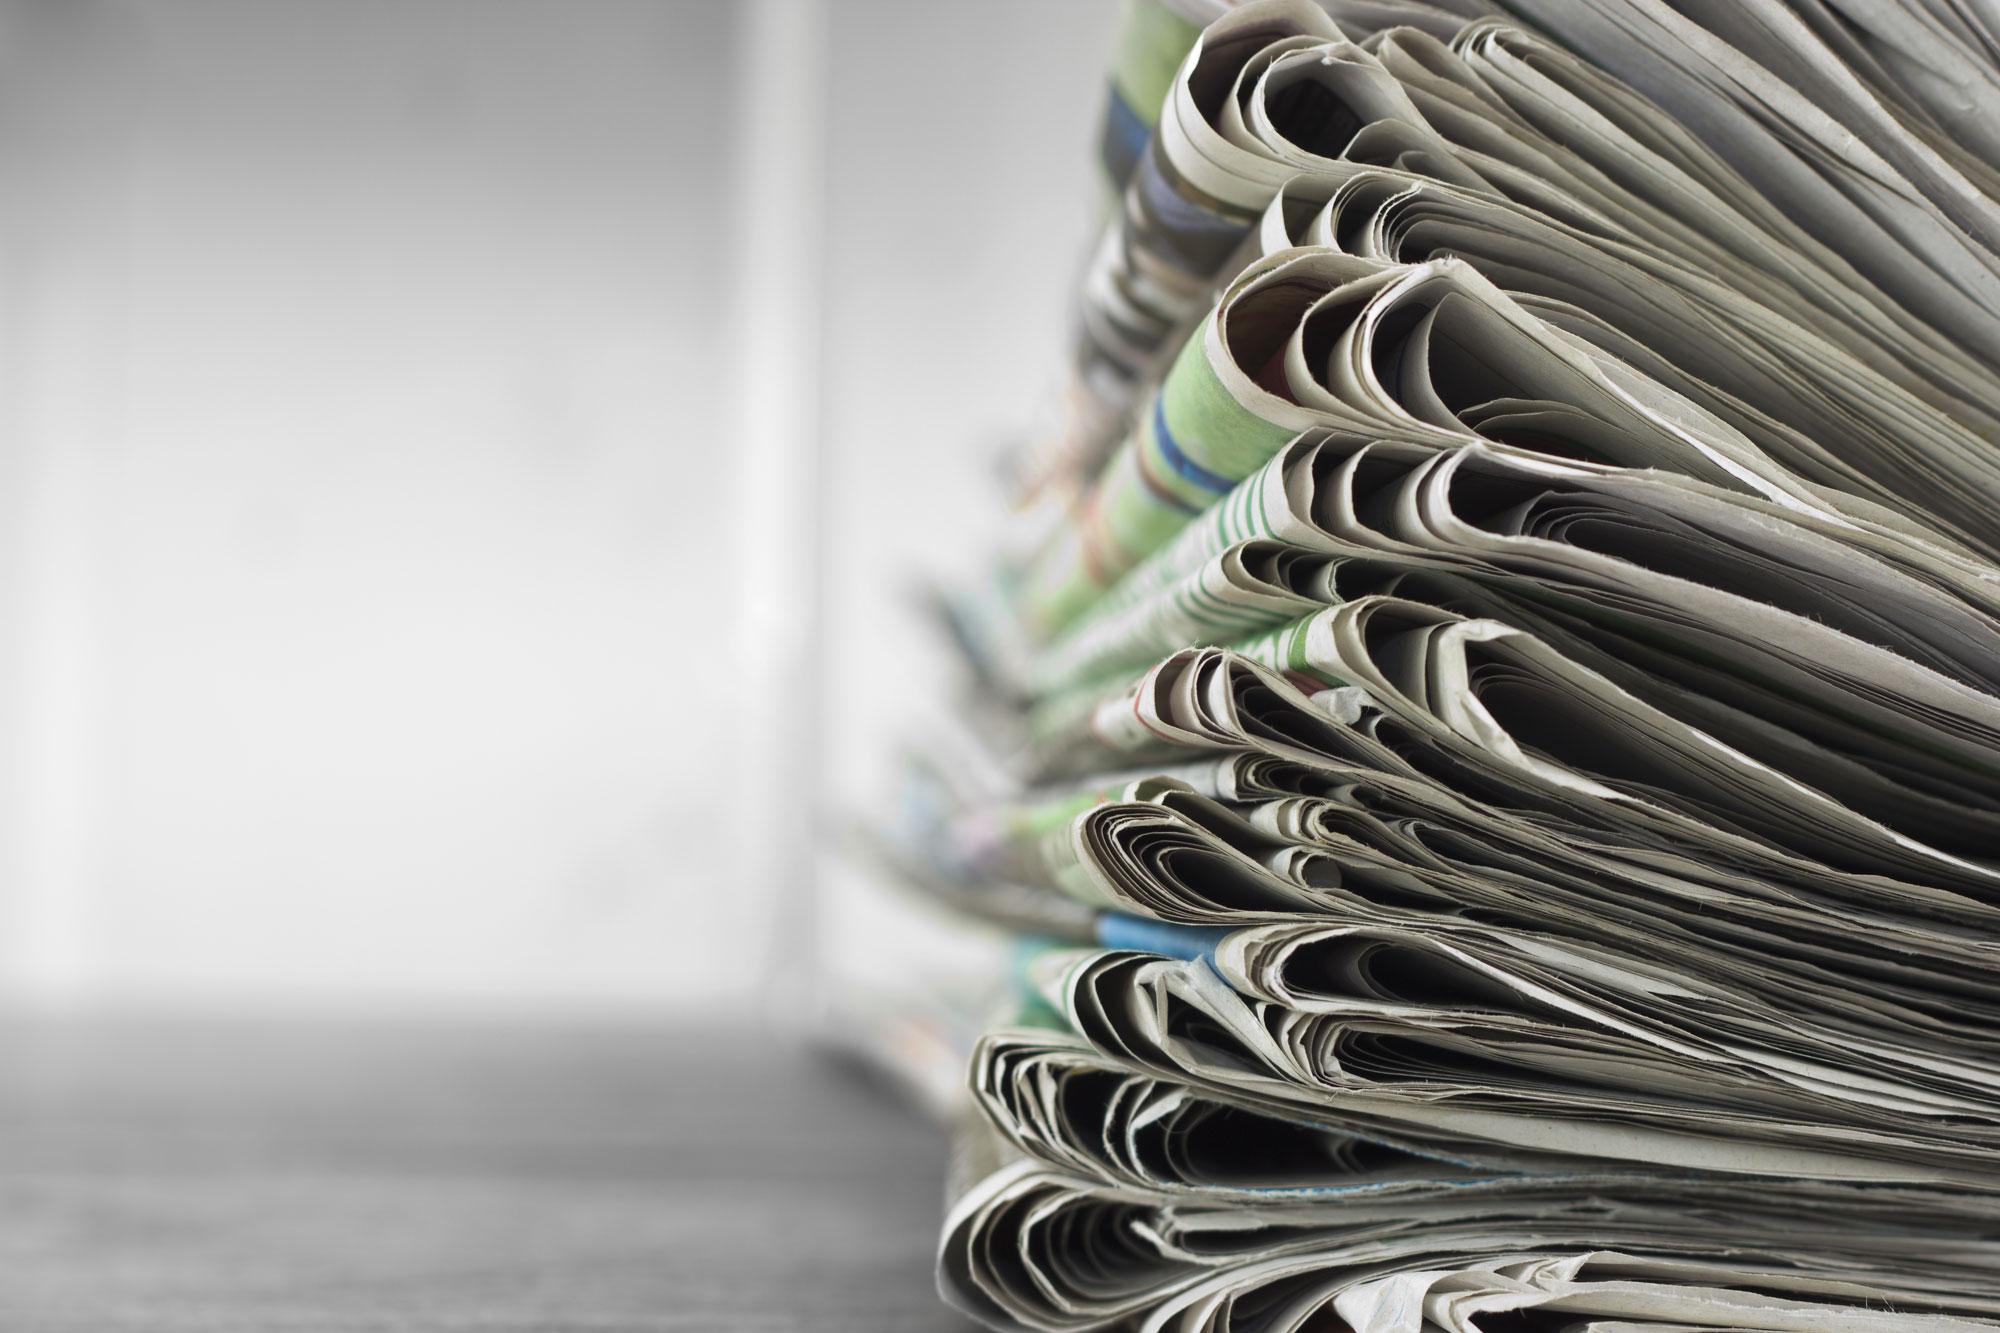 Gruppo Lavoro Service - Consegna giornali Bari